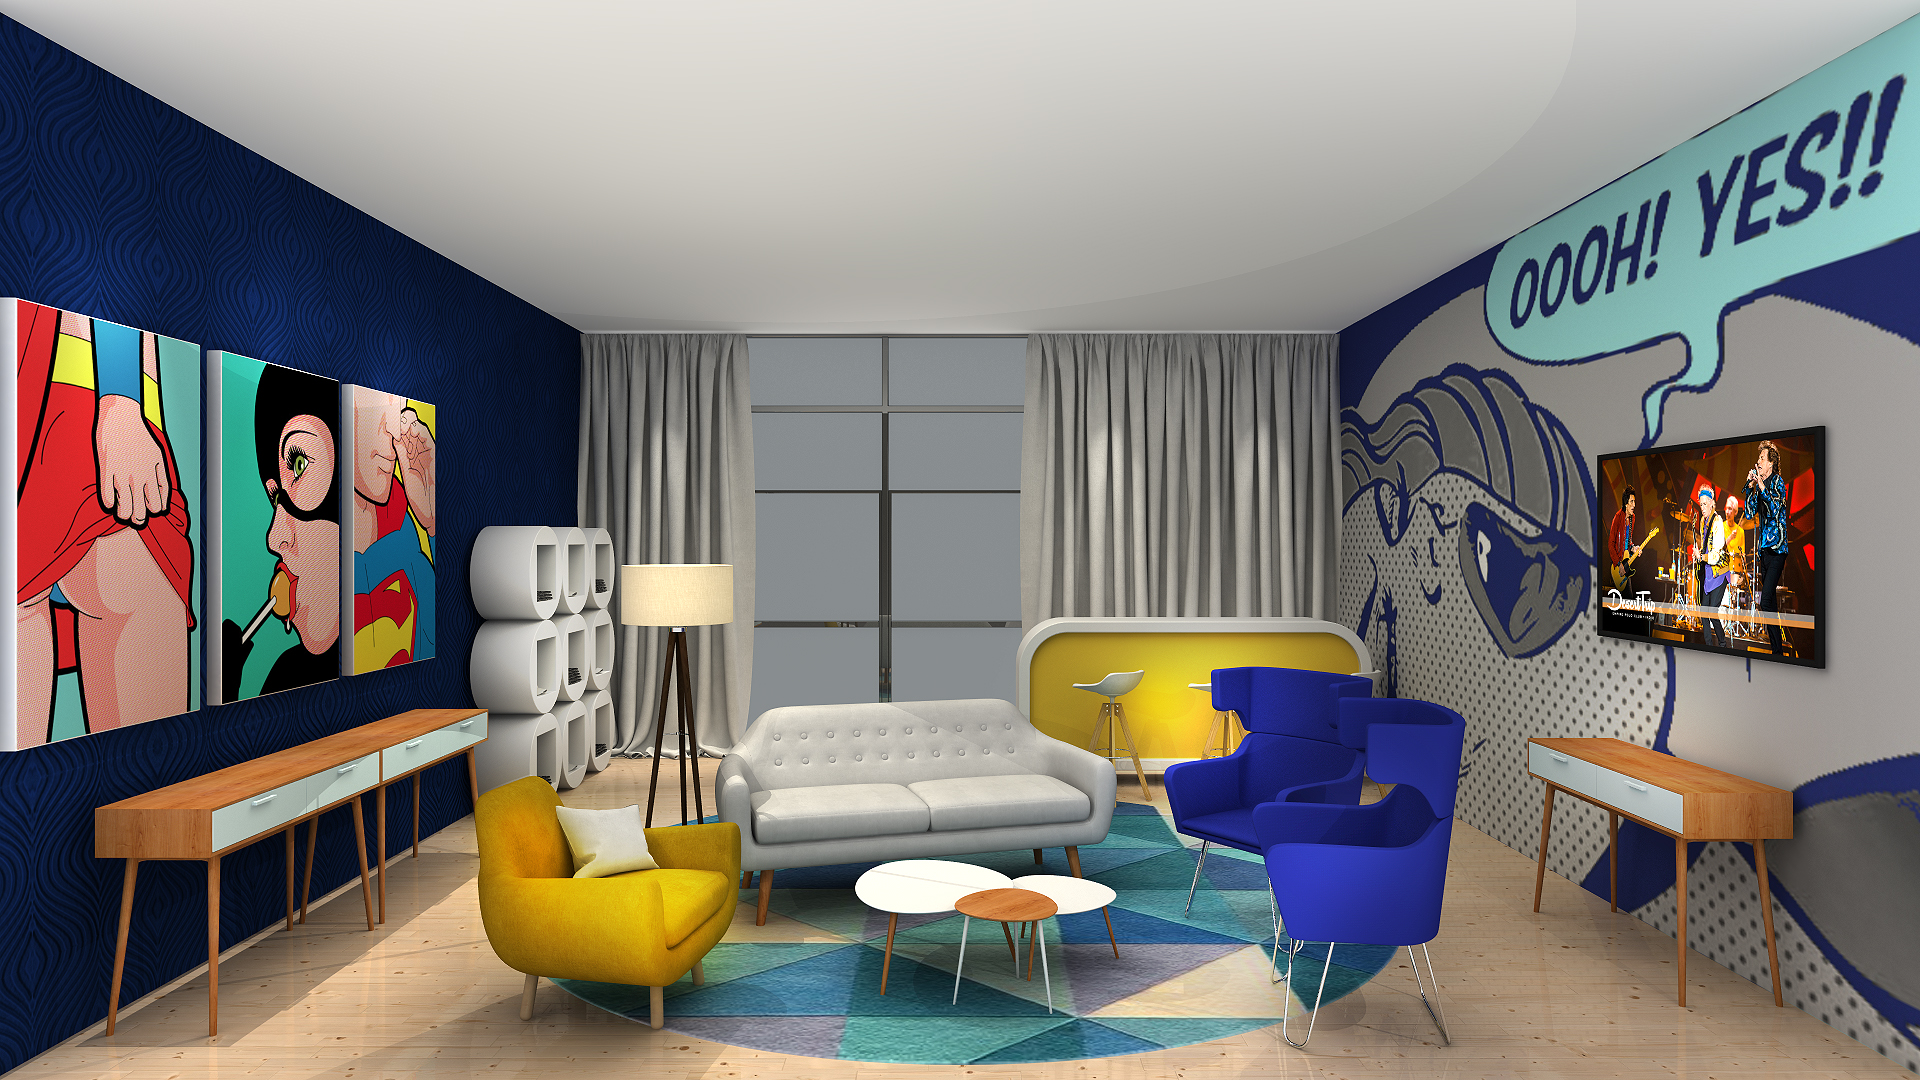 Phong cách Pop Art trong thiết kế nội thất